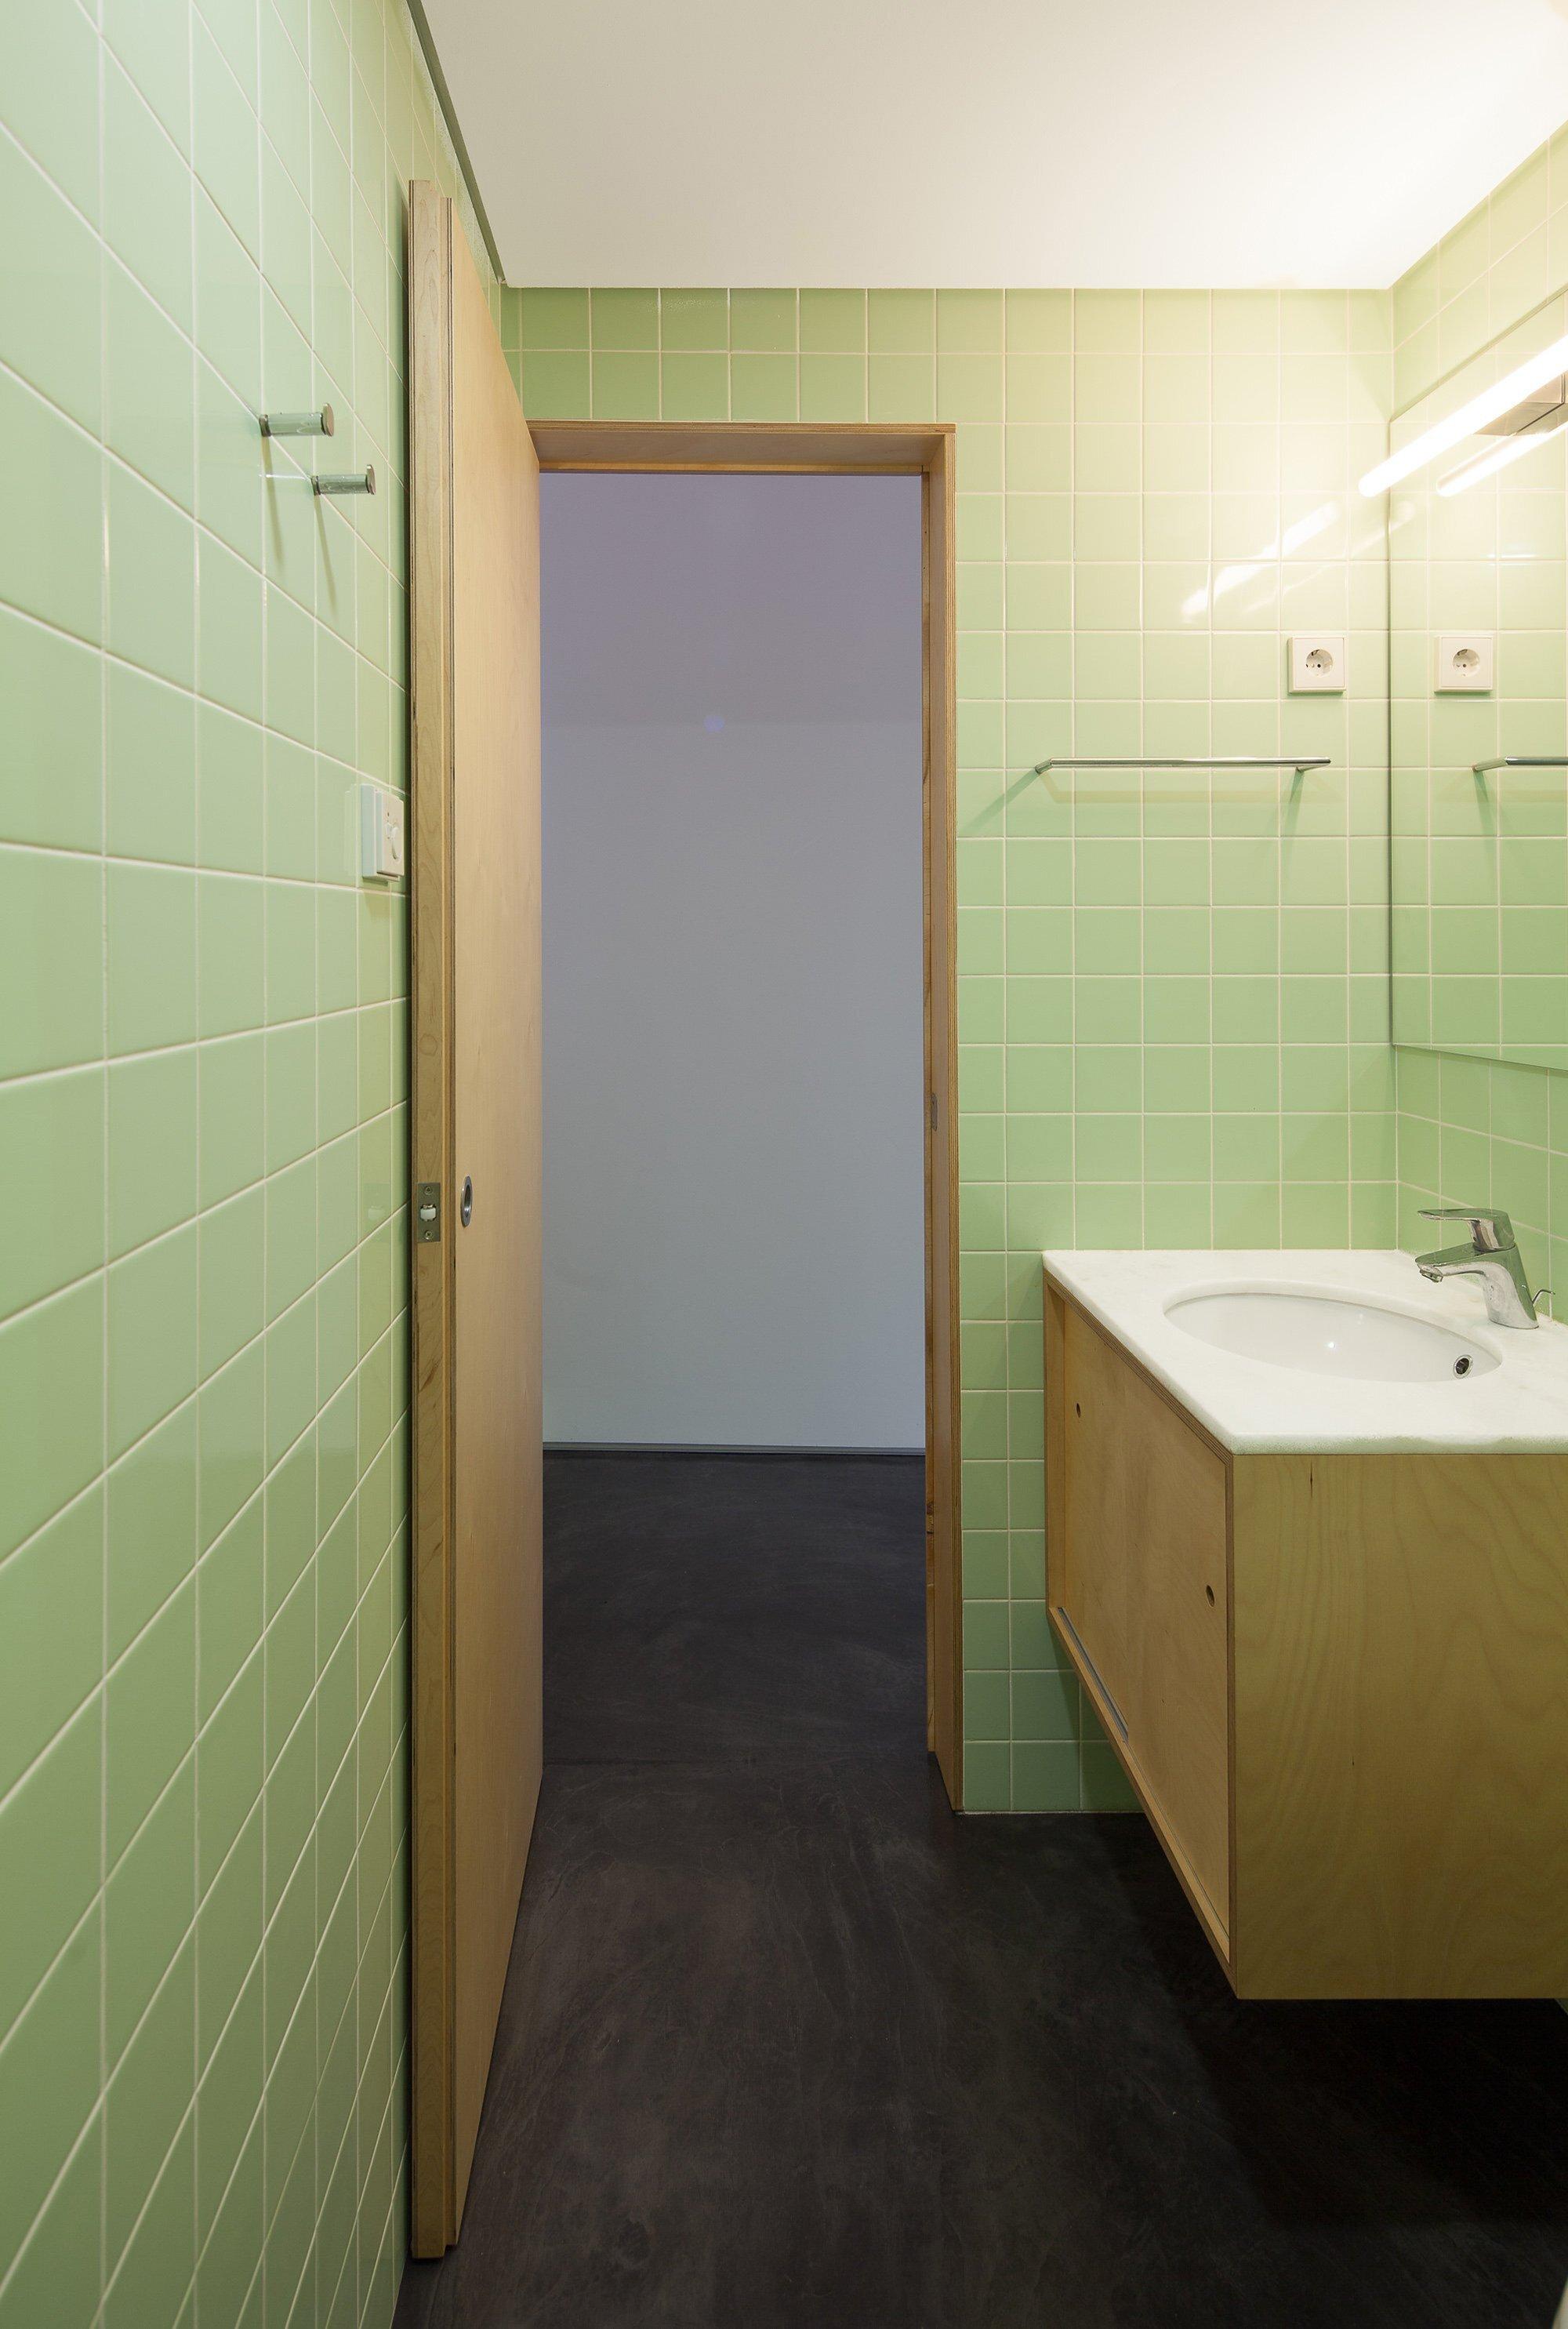 Nogueiras House - Sofia Parente + André Delgado - Portugal - Bathroom - Humble Homes